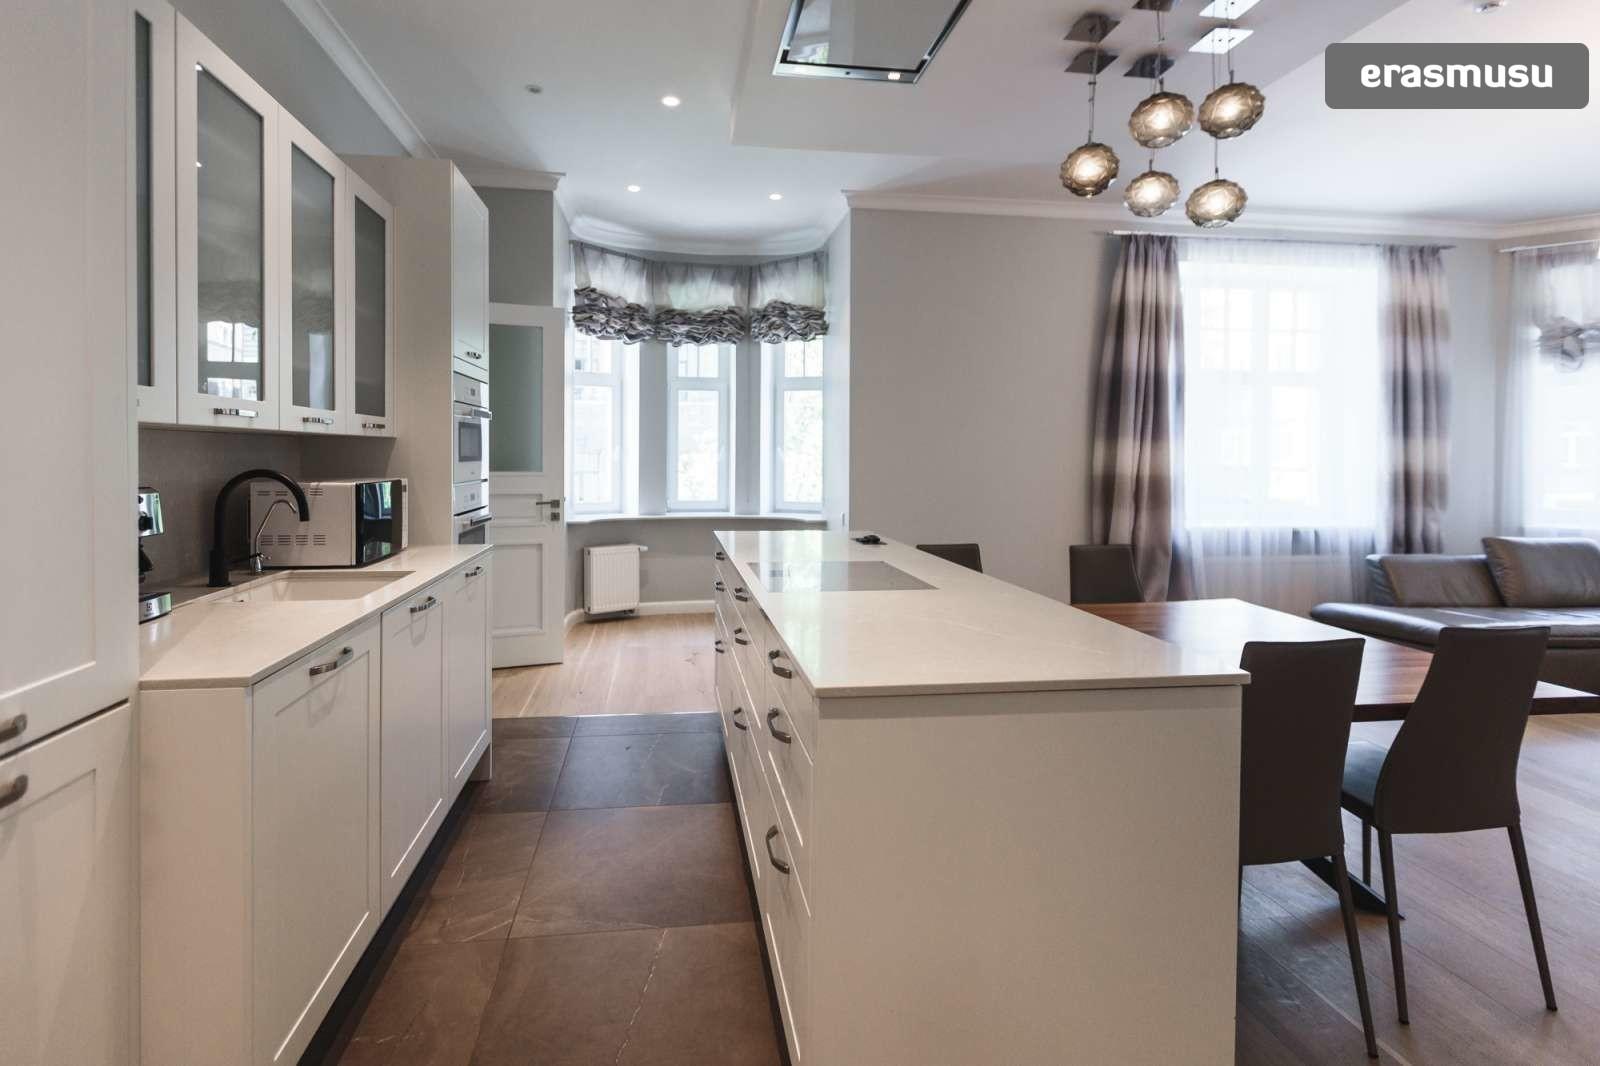 elegant-1-bedroom-apartment-rent-centrs-6c59a634b7fbc0f6c91359f7